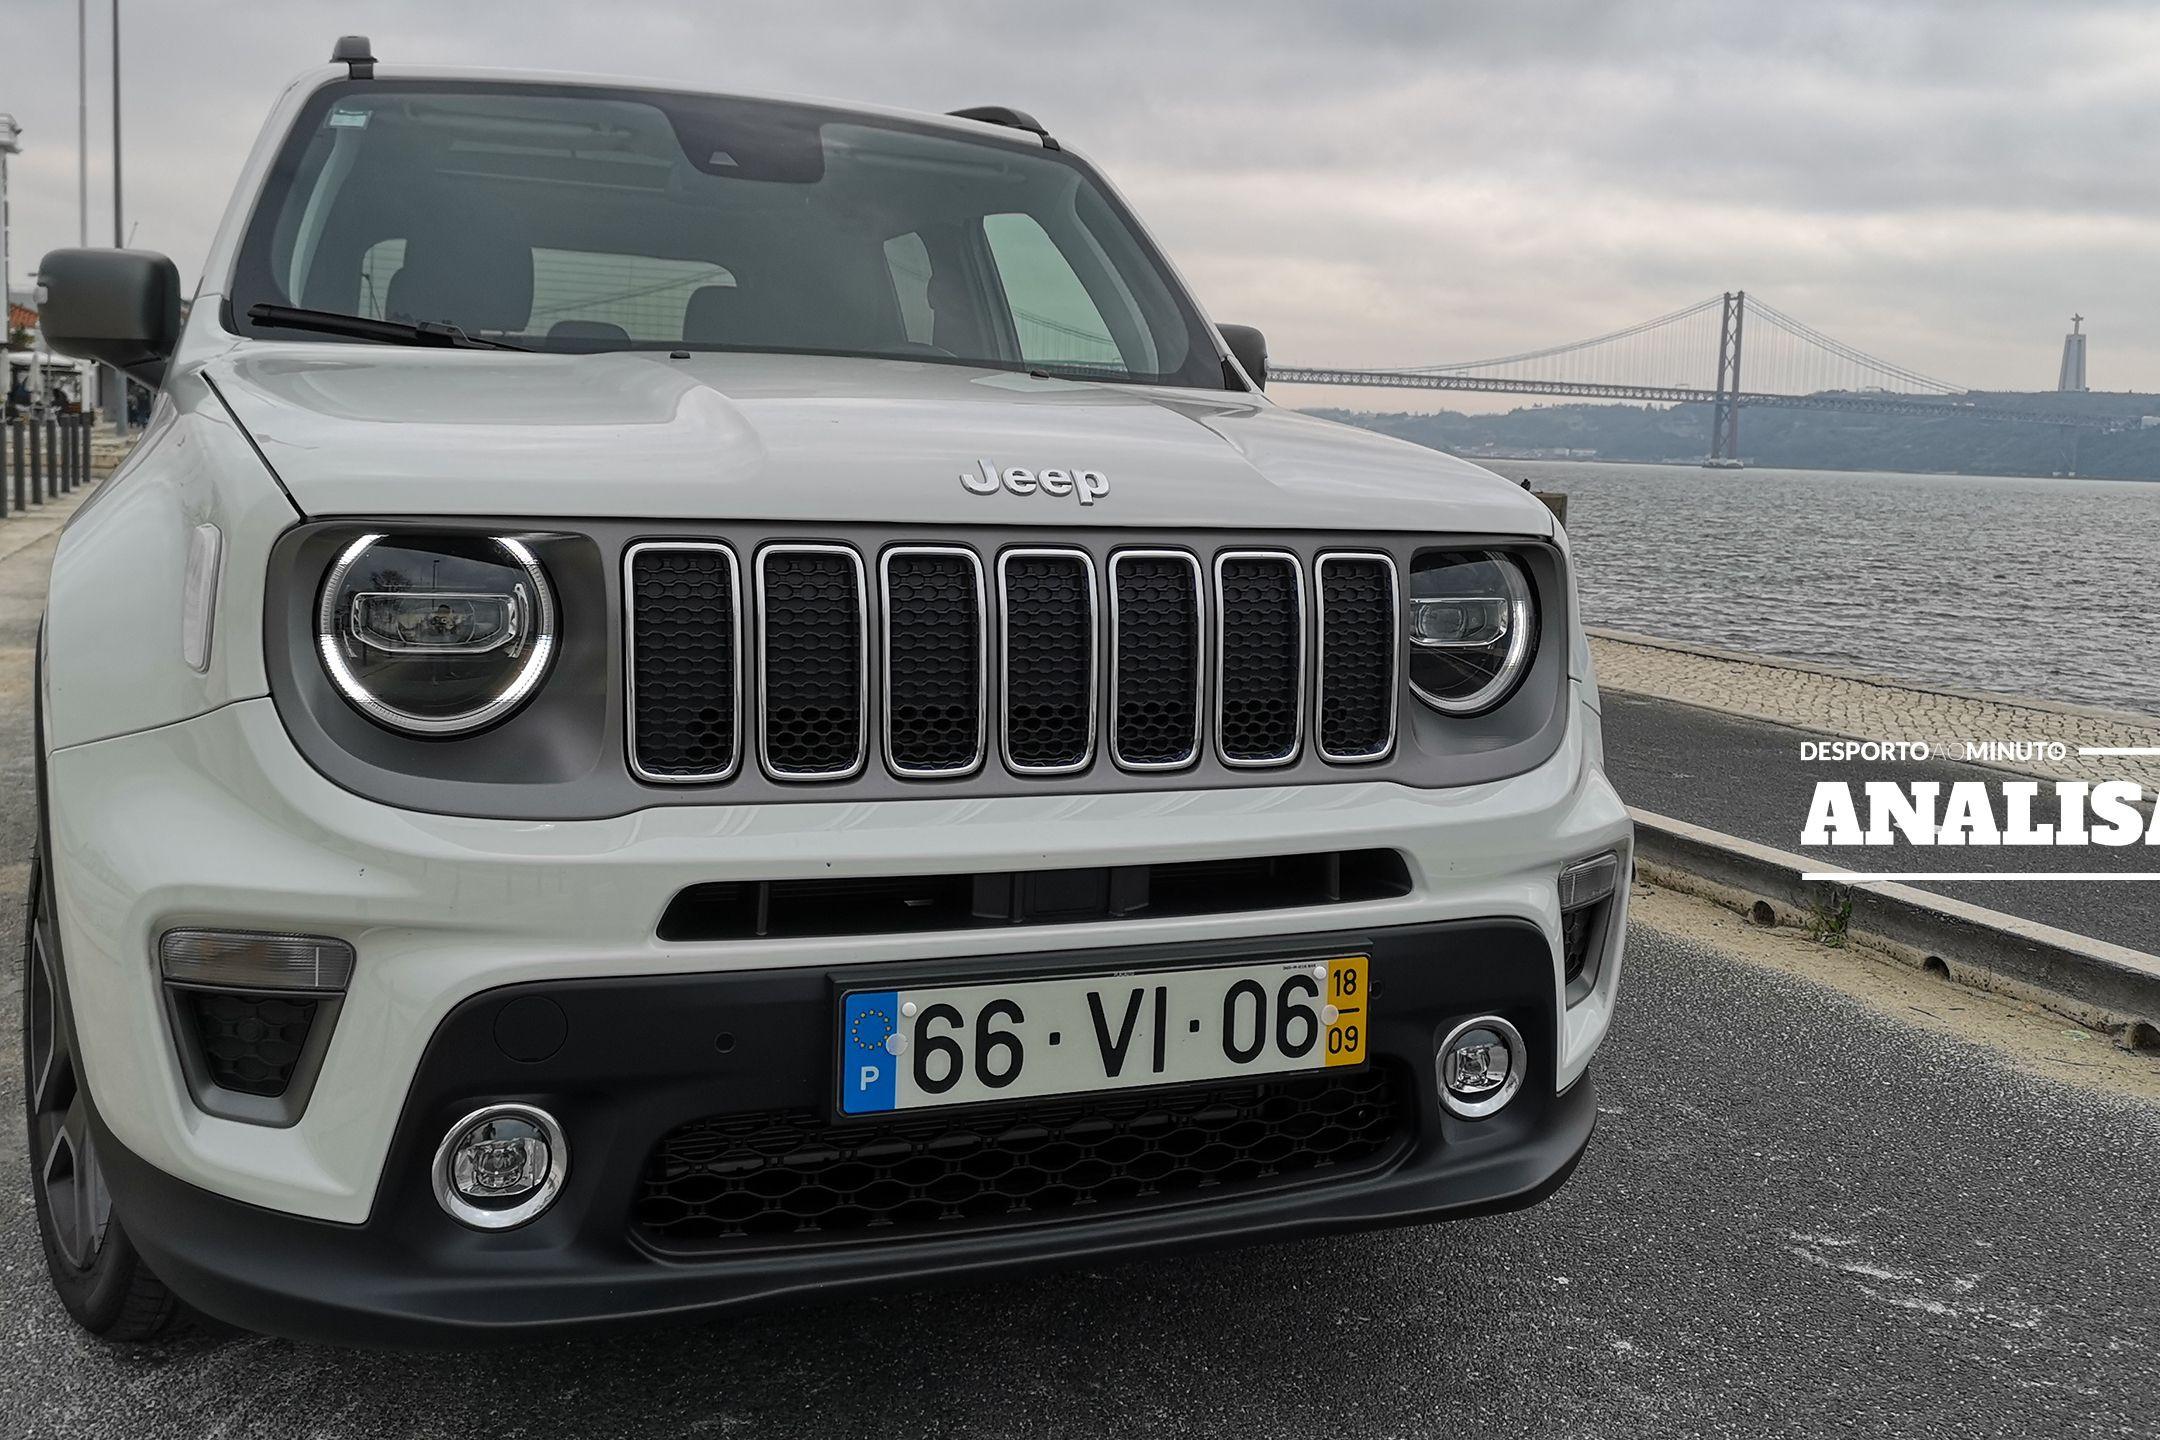 Jeep Renegade: Ou se adora ou se odeia, mas a identidade é inquestionável